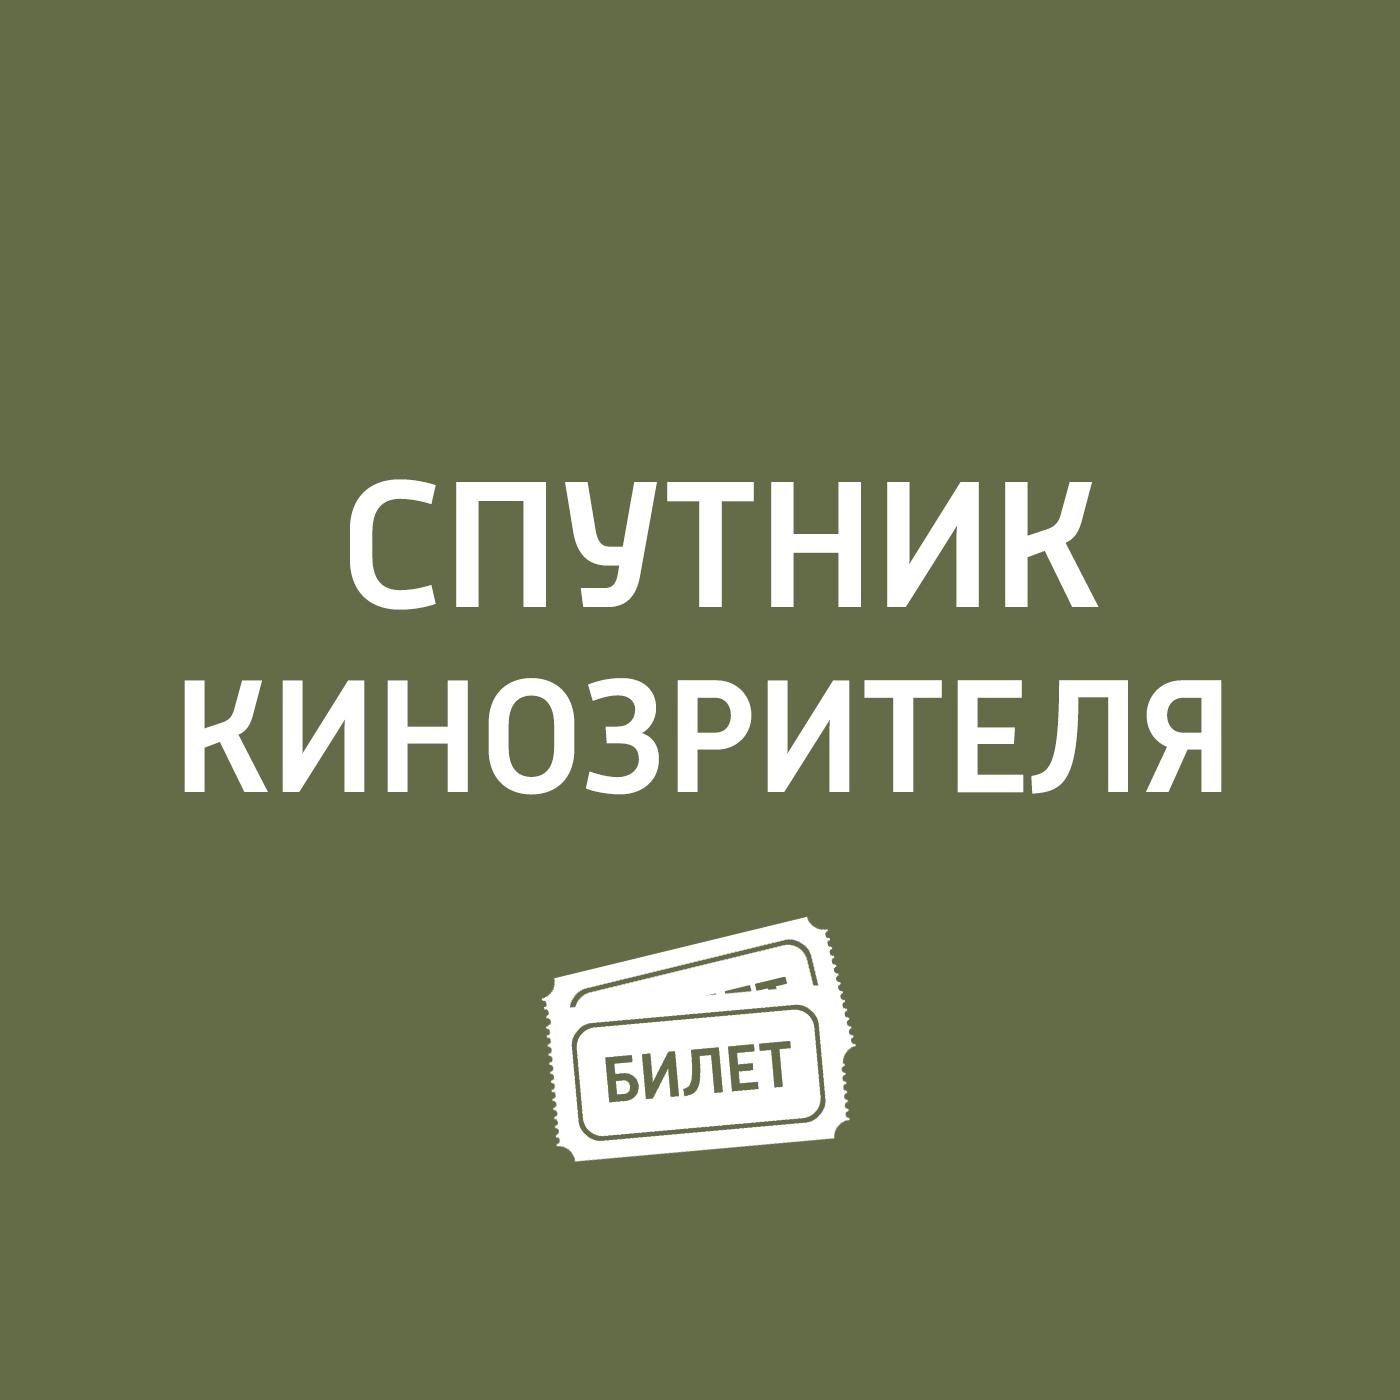 Антон Долин Сталинград, «Гравитация и др. антон долин не угаснет надежда воровка книг и др